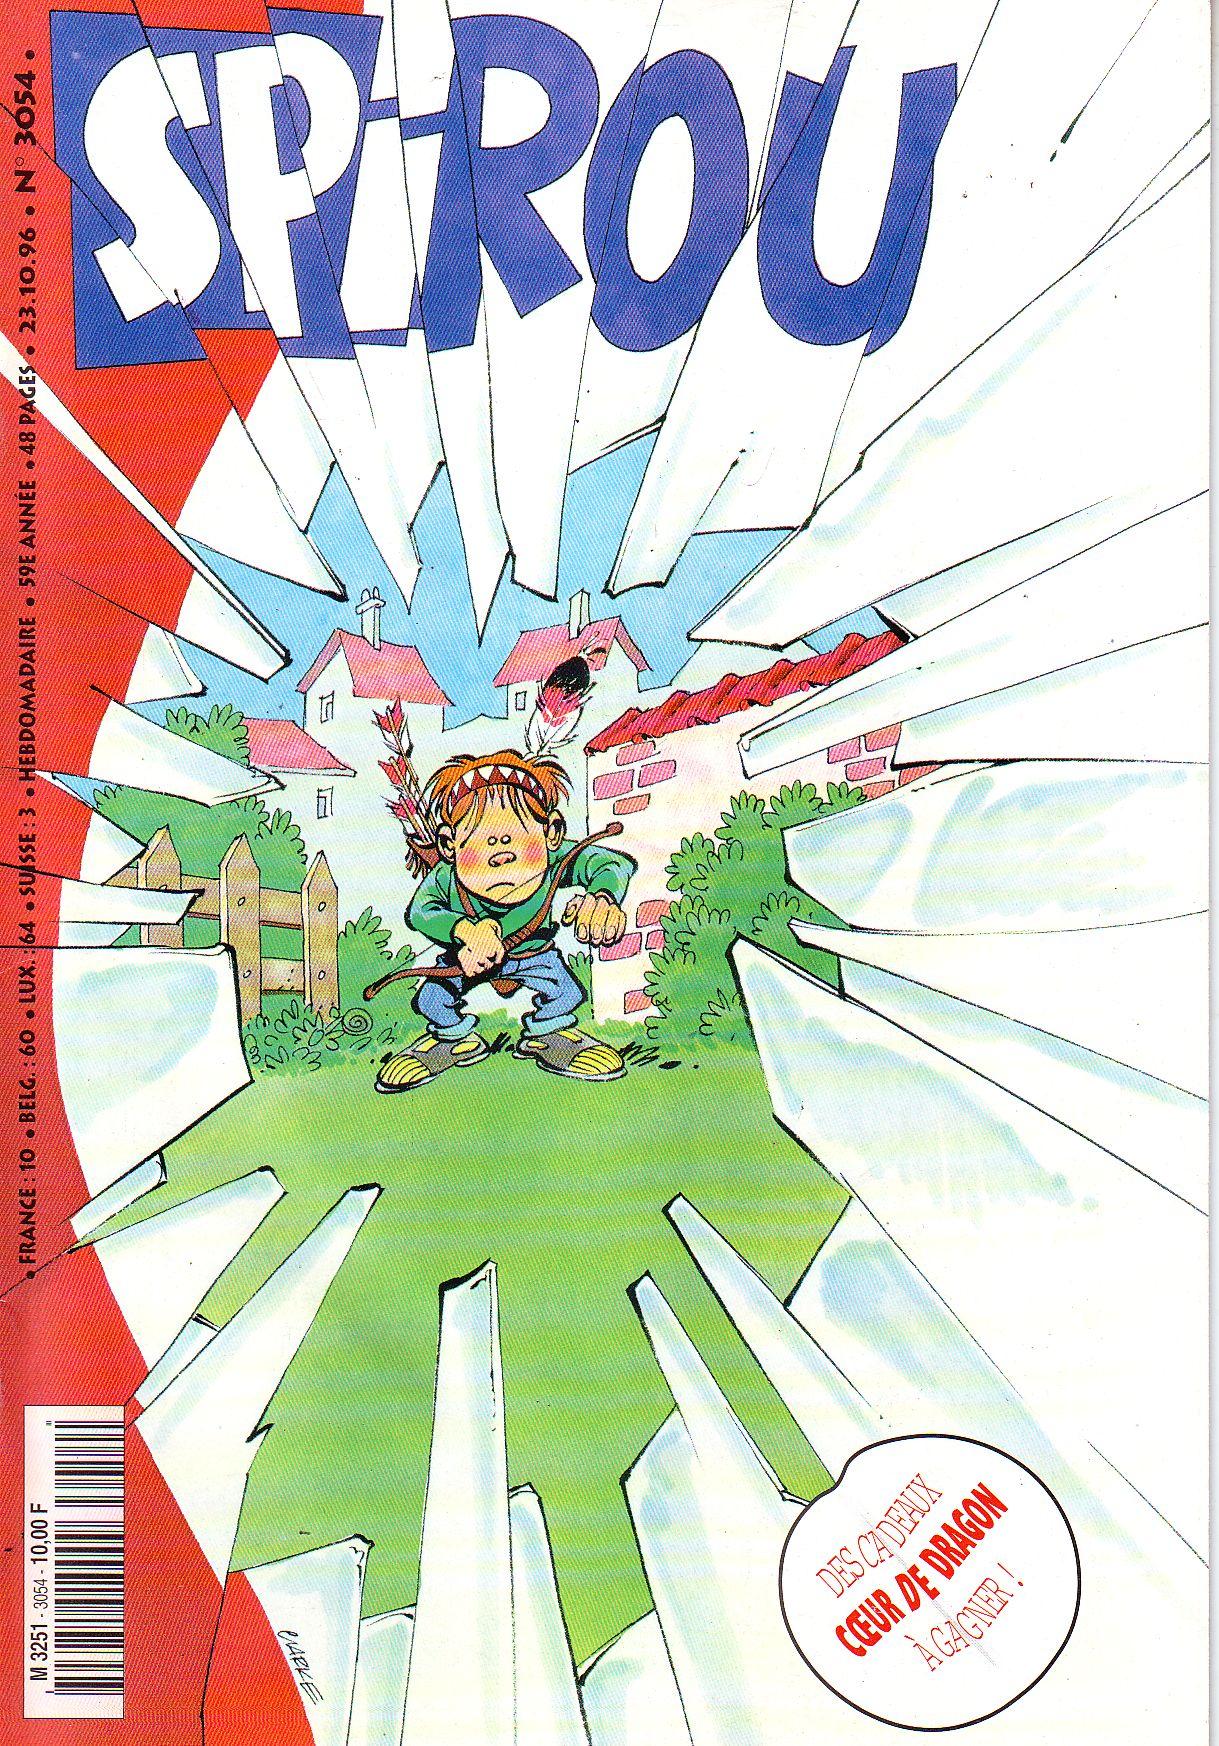 Le journal de Spirou 3054